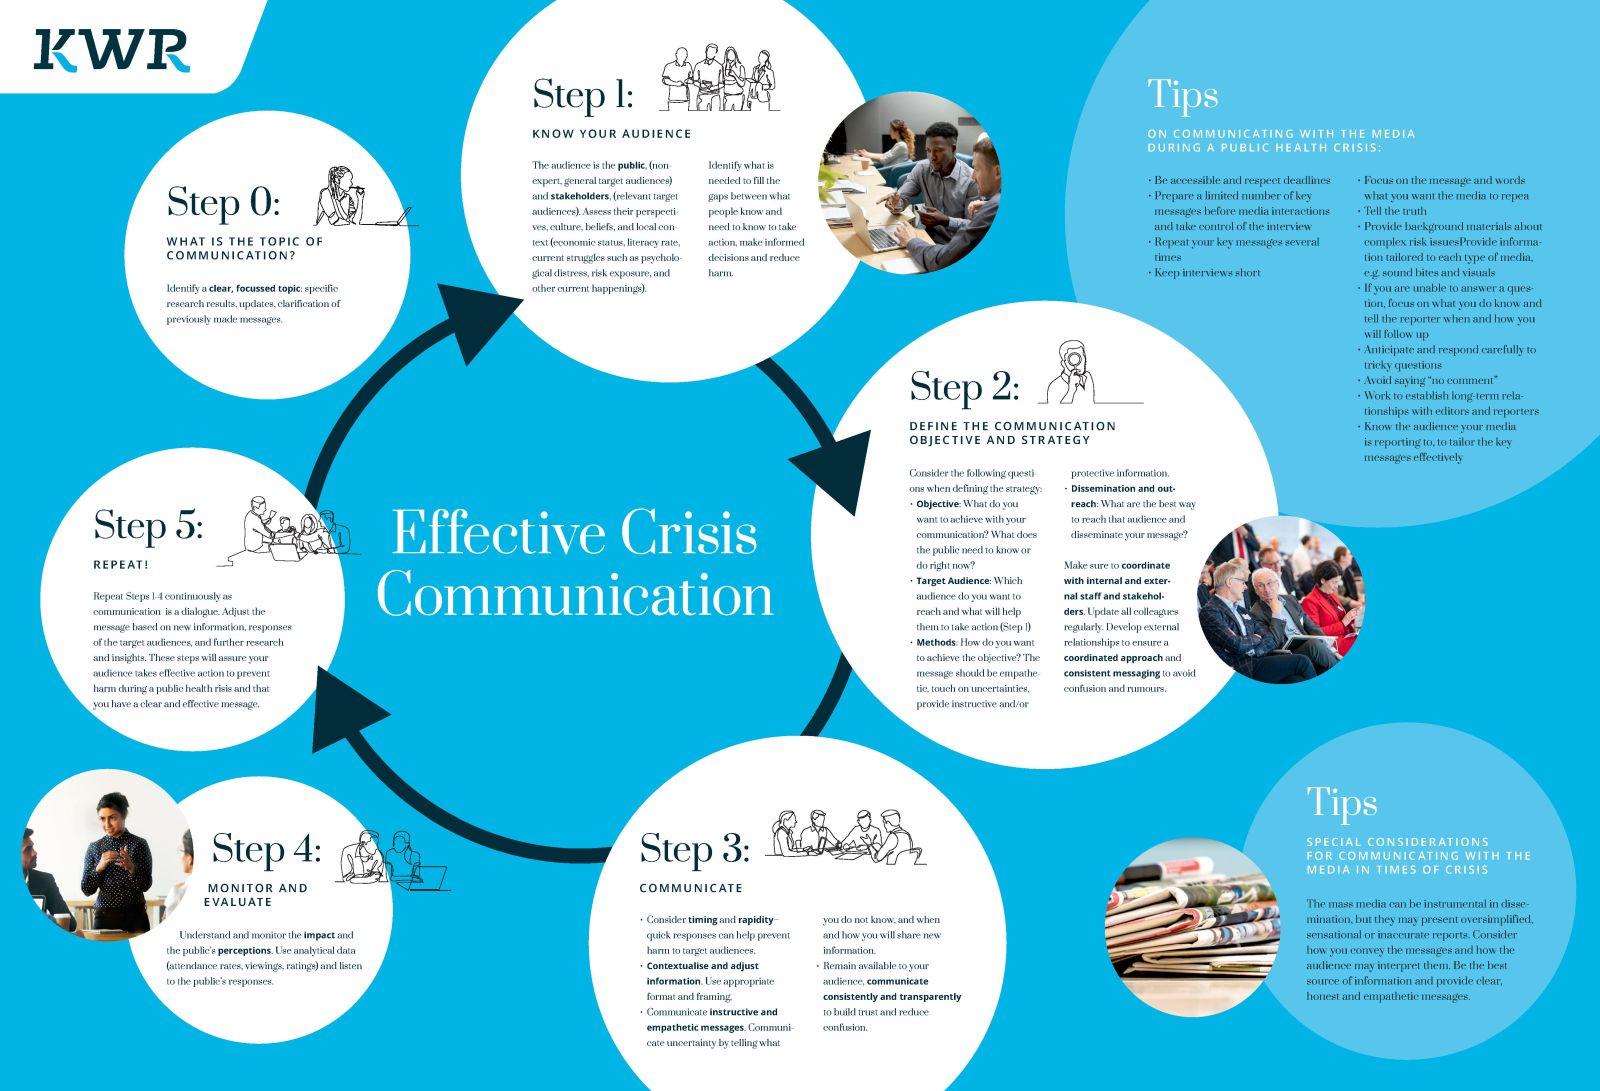 Dit overzicht van achtereenvolgens te doorlopen stappen biedt een handvat voor communicatie tijdens een crisis